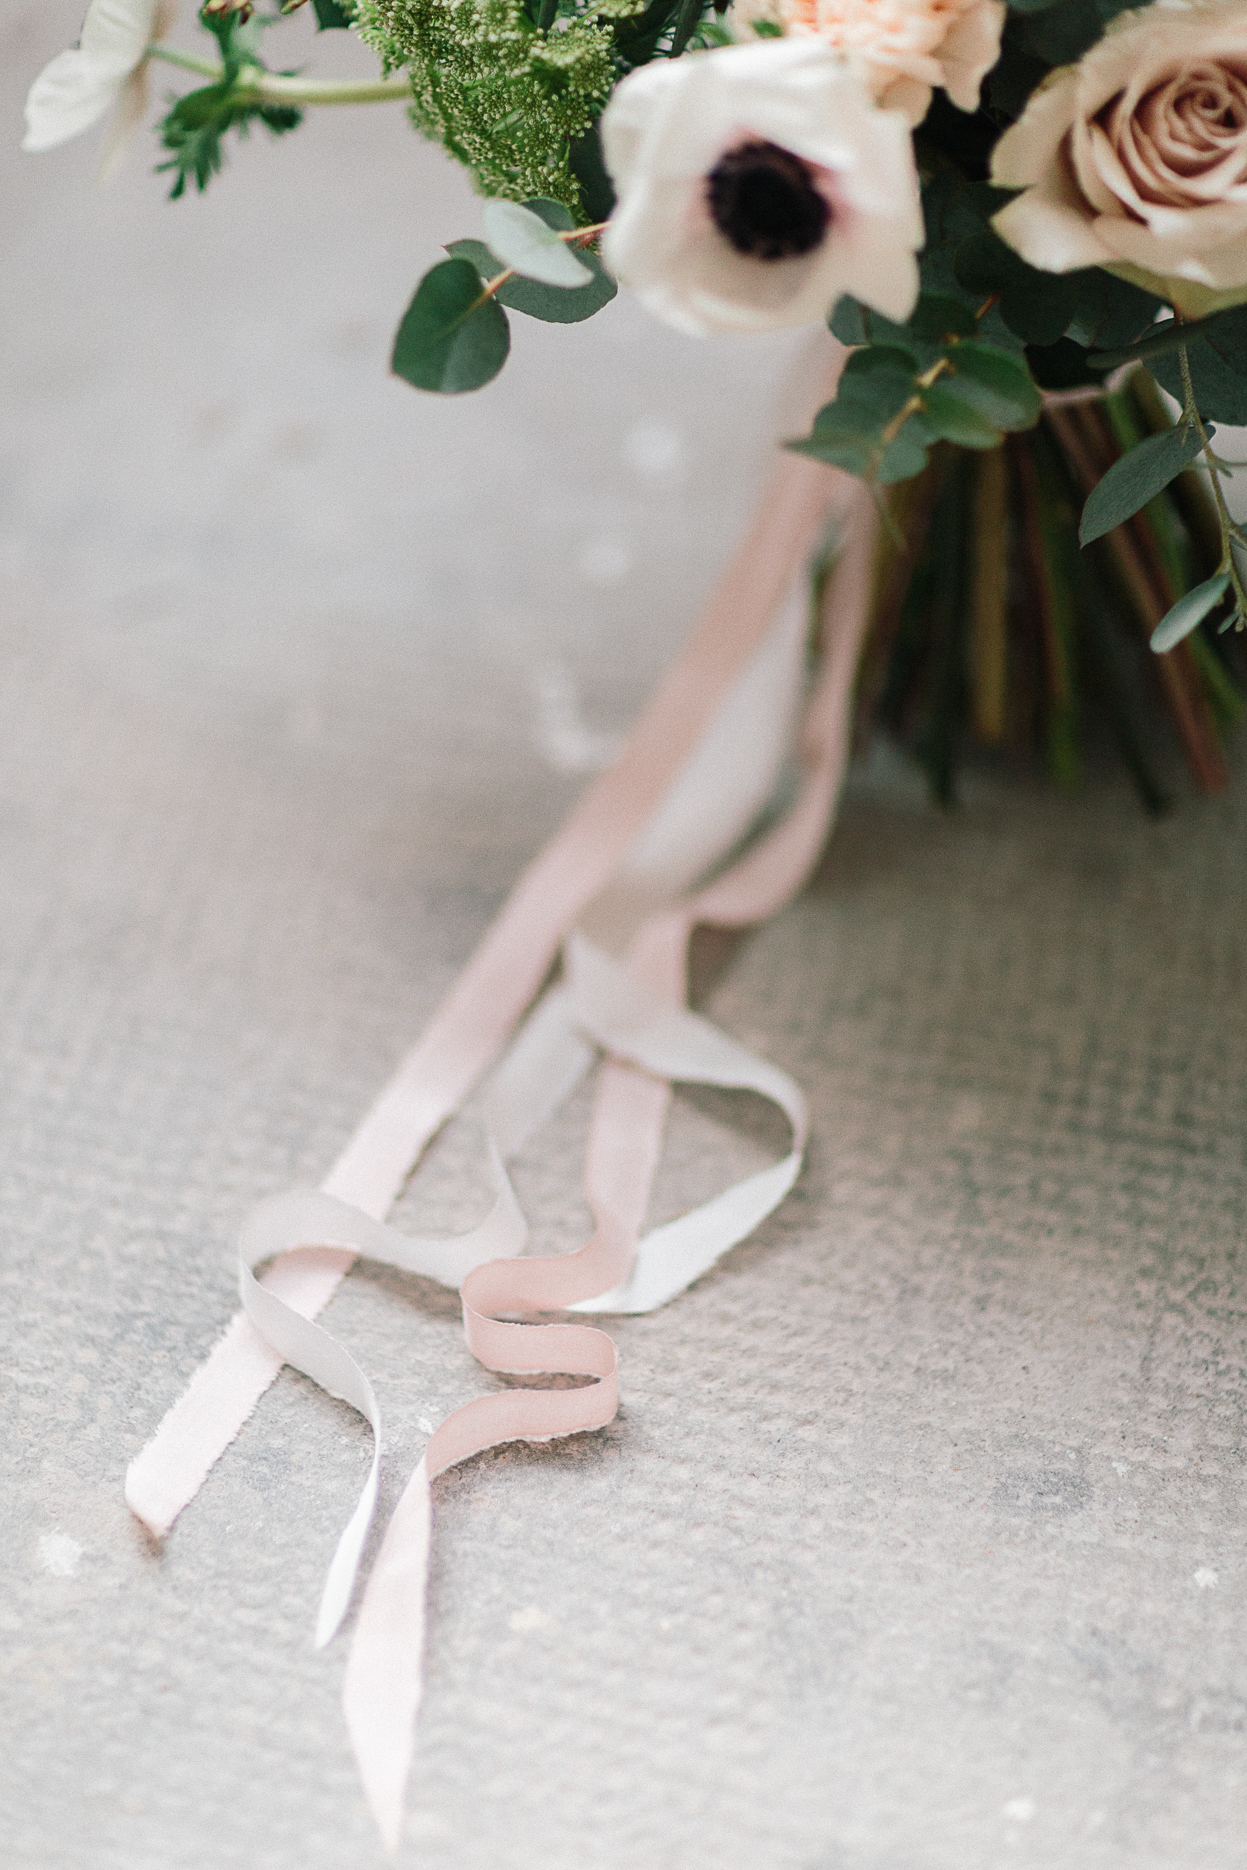 ruban rose en soie attaché autour d'un bouquet de fleurs posé sur sol béron mariage romantique industriel